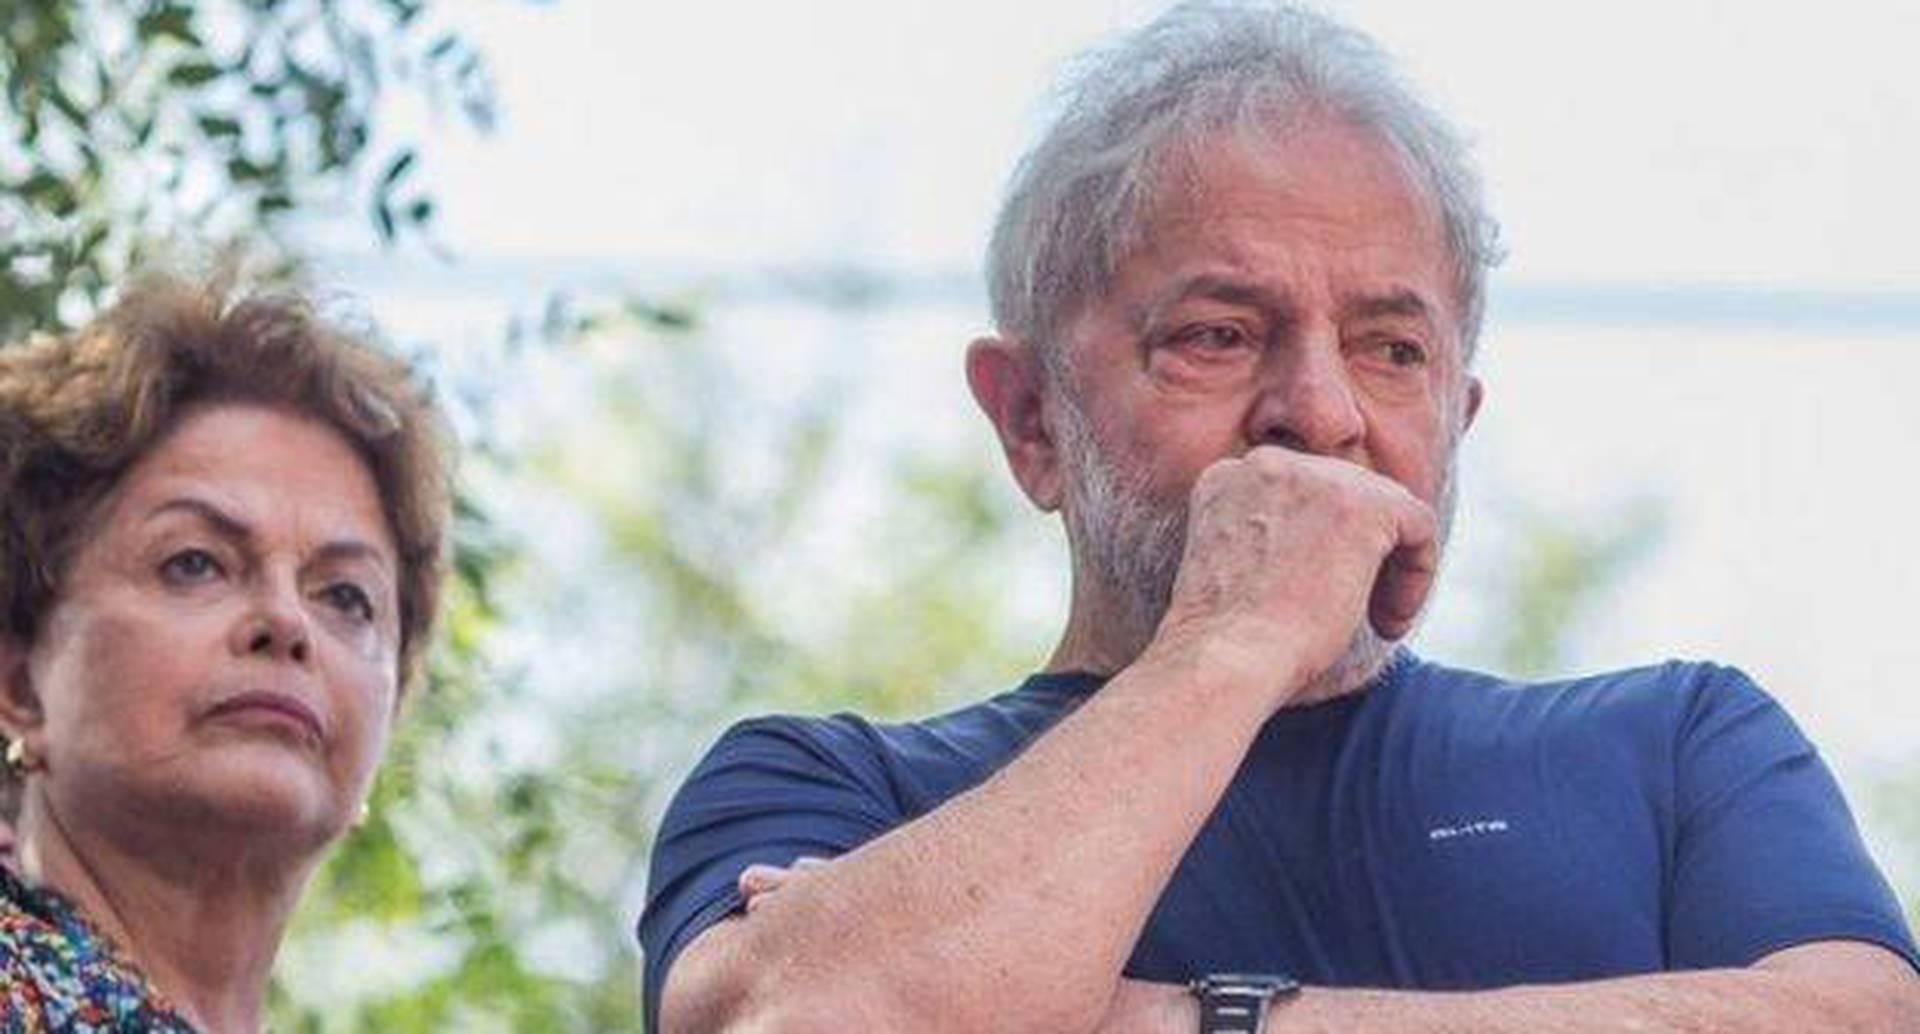 Hace poco el expresidente celebraba, pero ahora podría regresar a la cárcel.